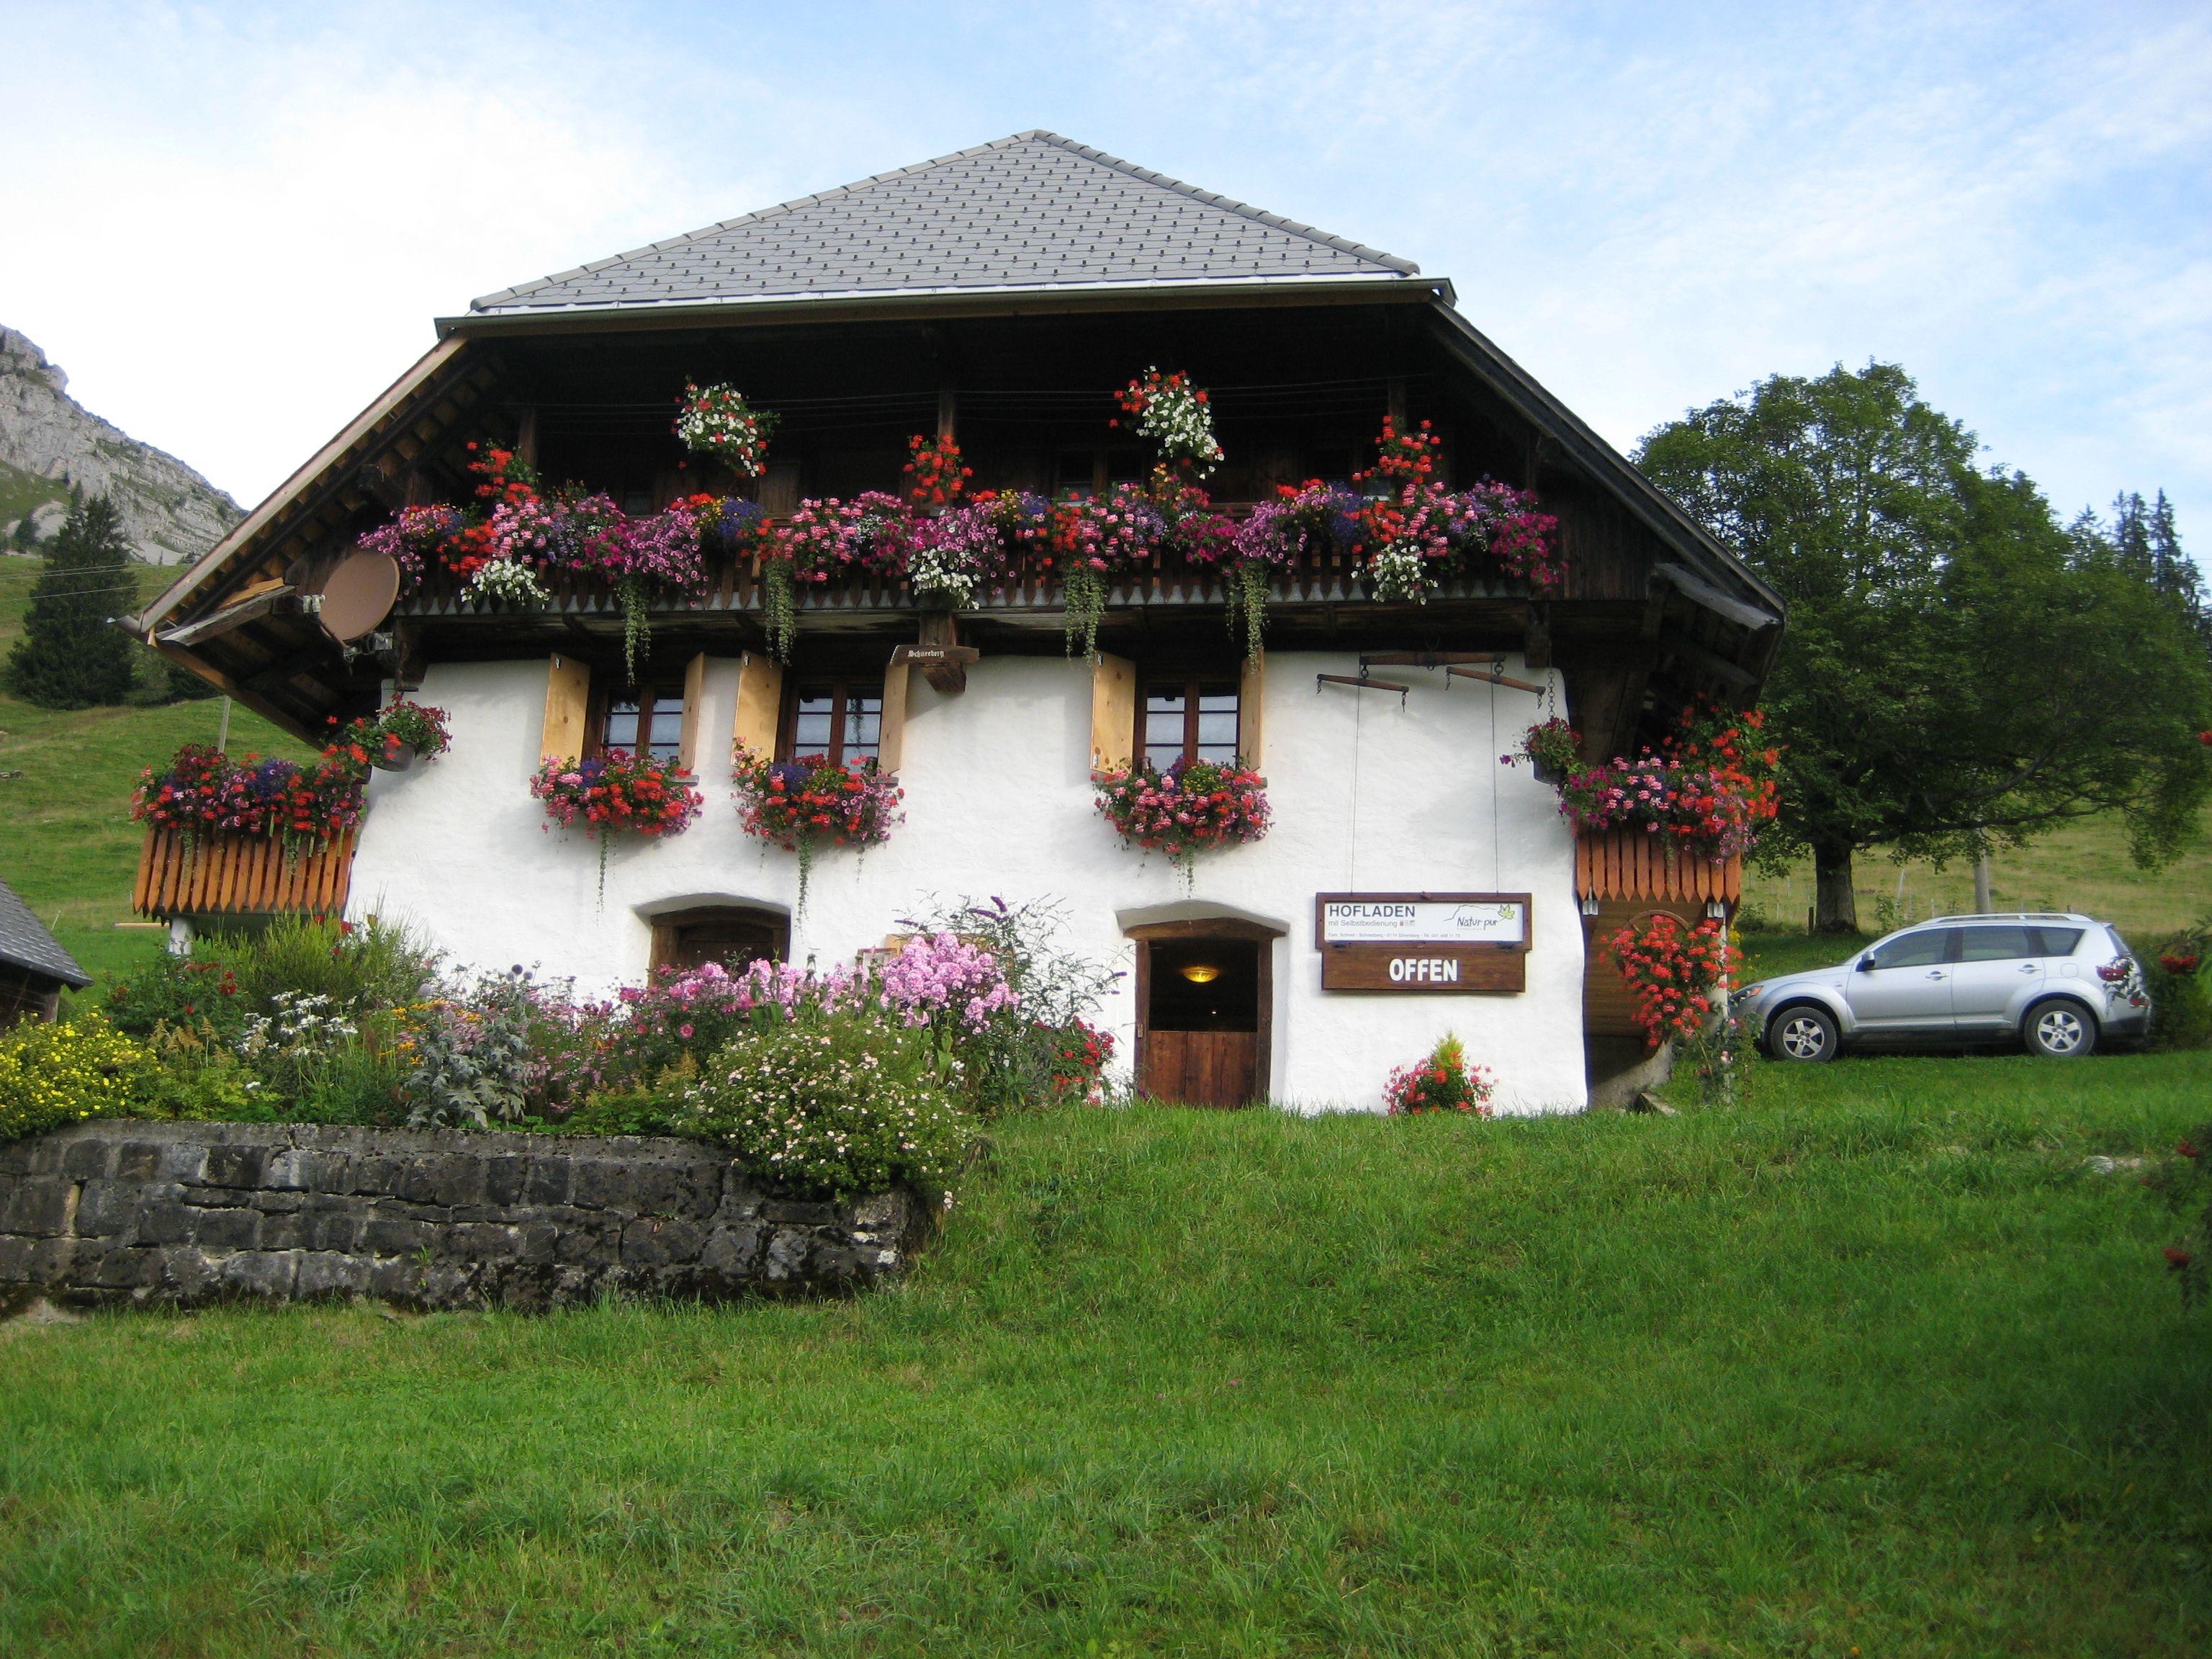 2016-09-04-Entlebuch-168-IMG_0461